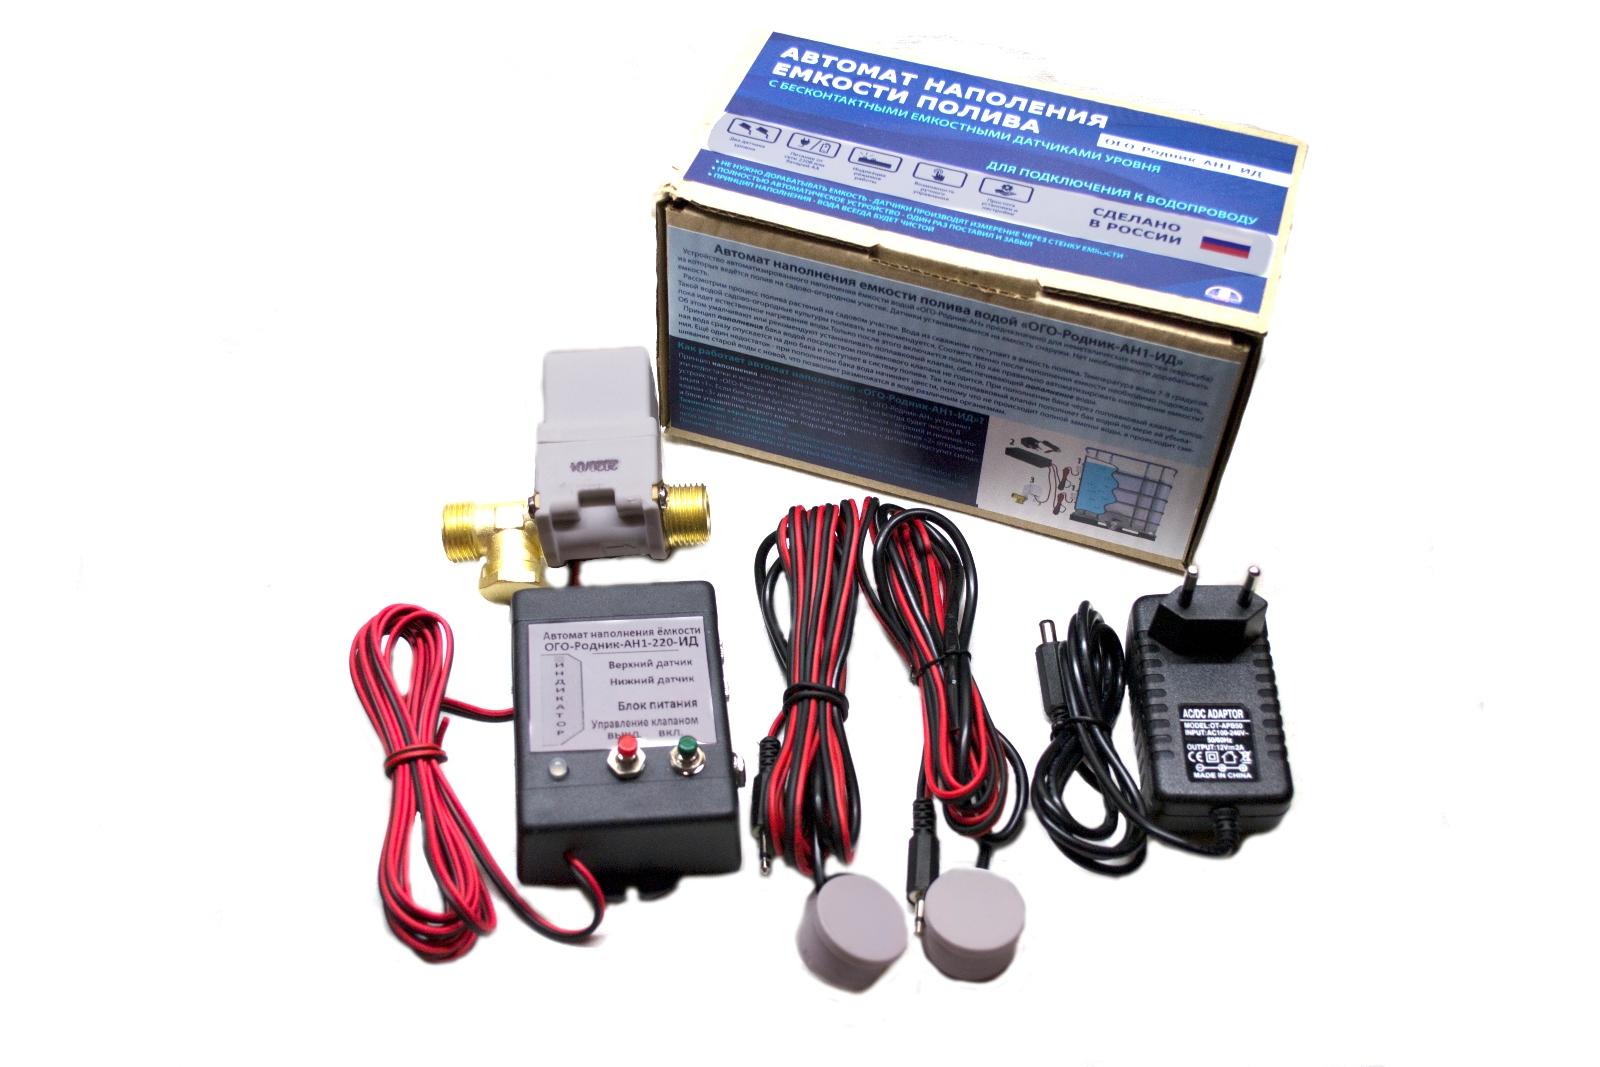 Автомат наполнения емкости «ОГО-Родник-АН1-220-ИД», без доработки емкости